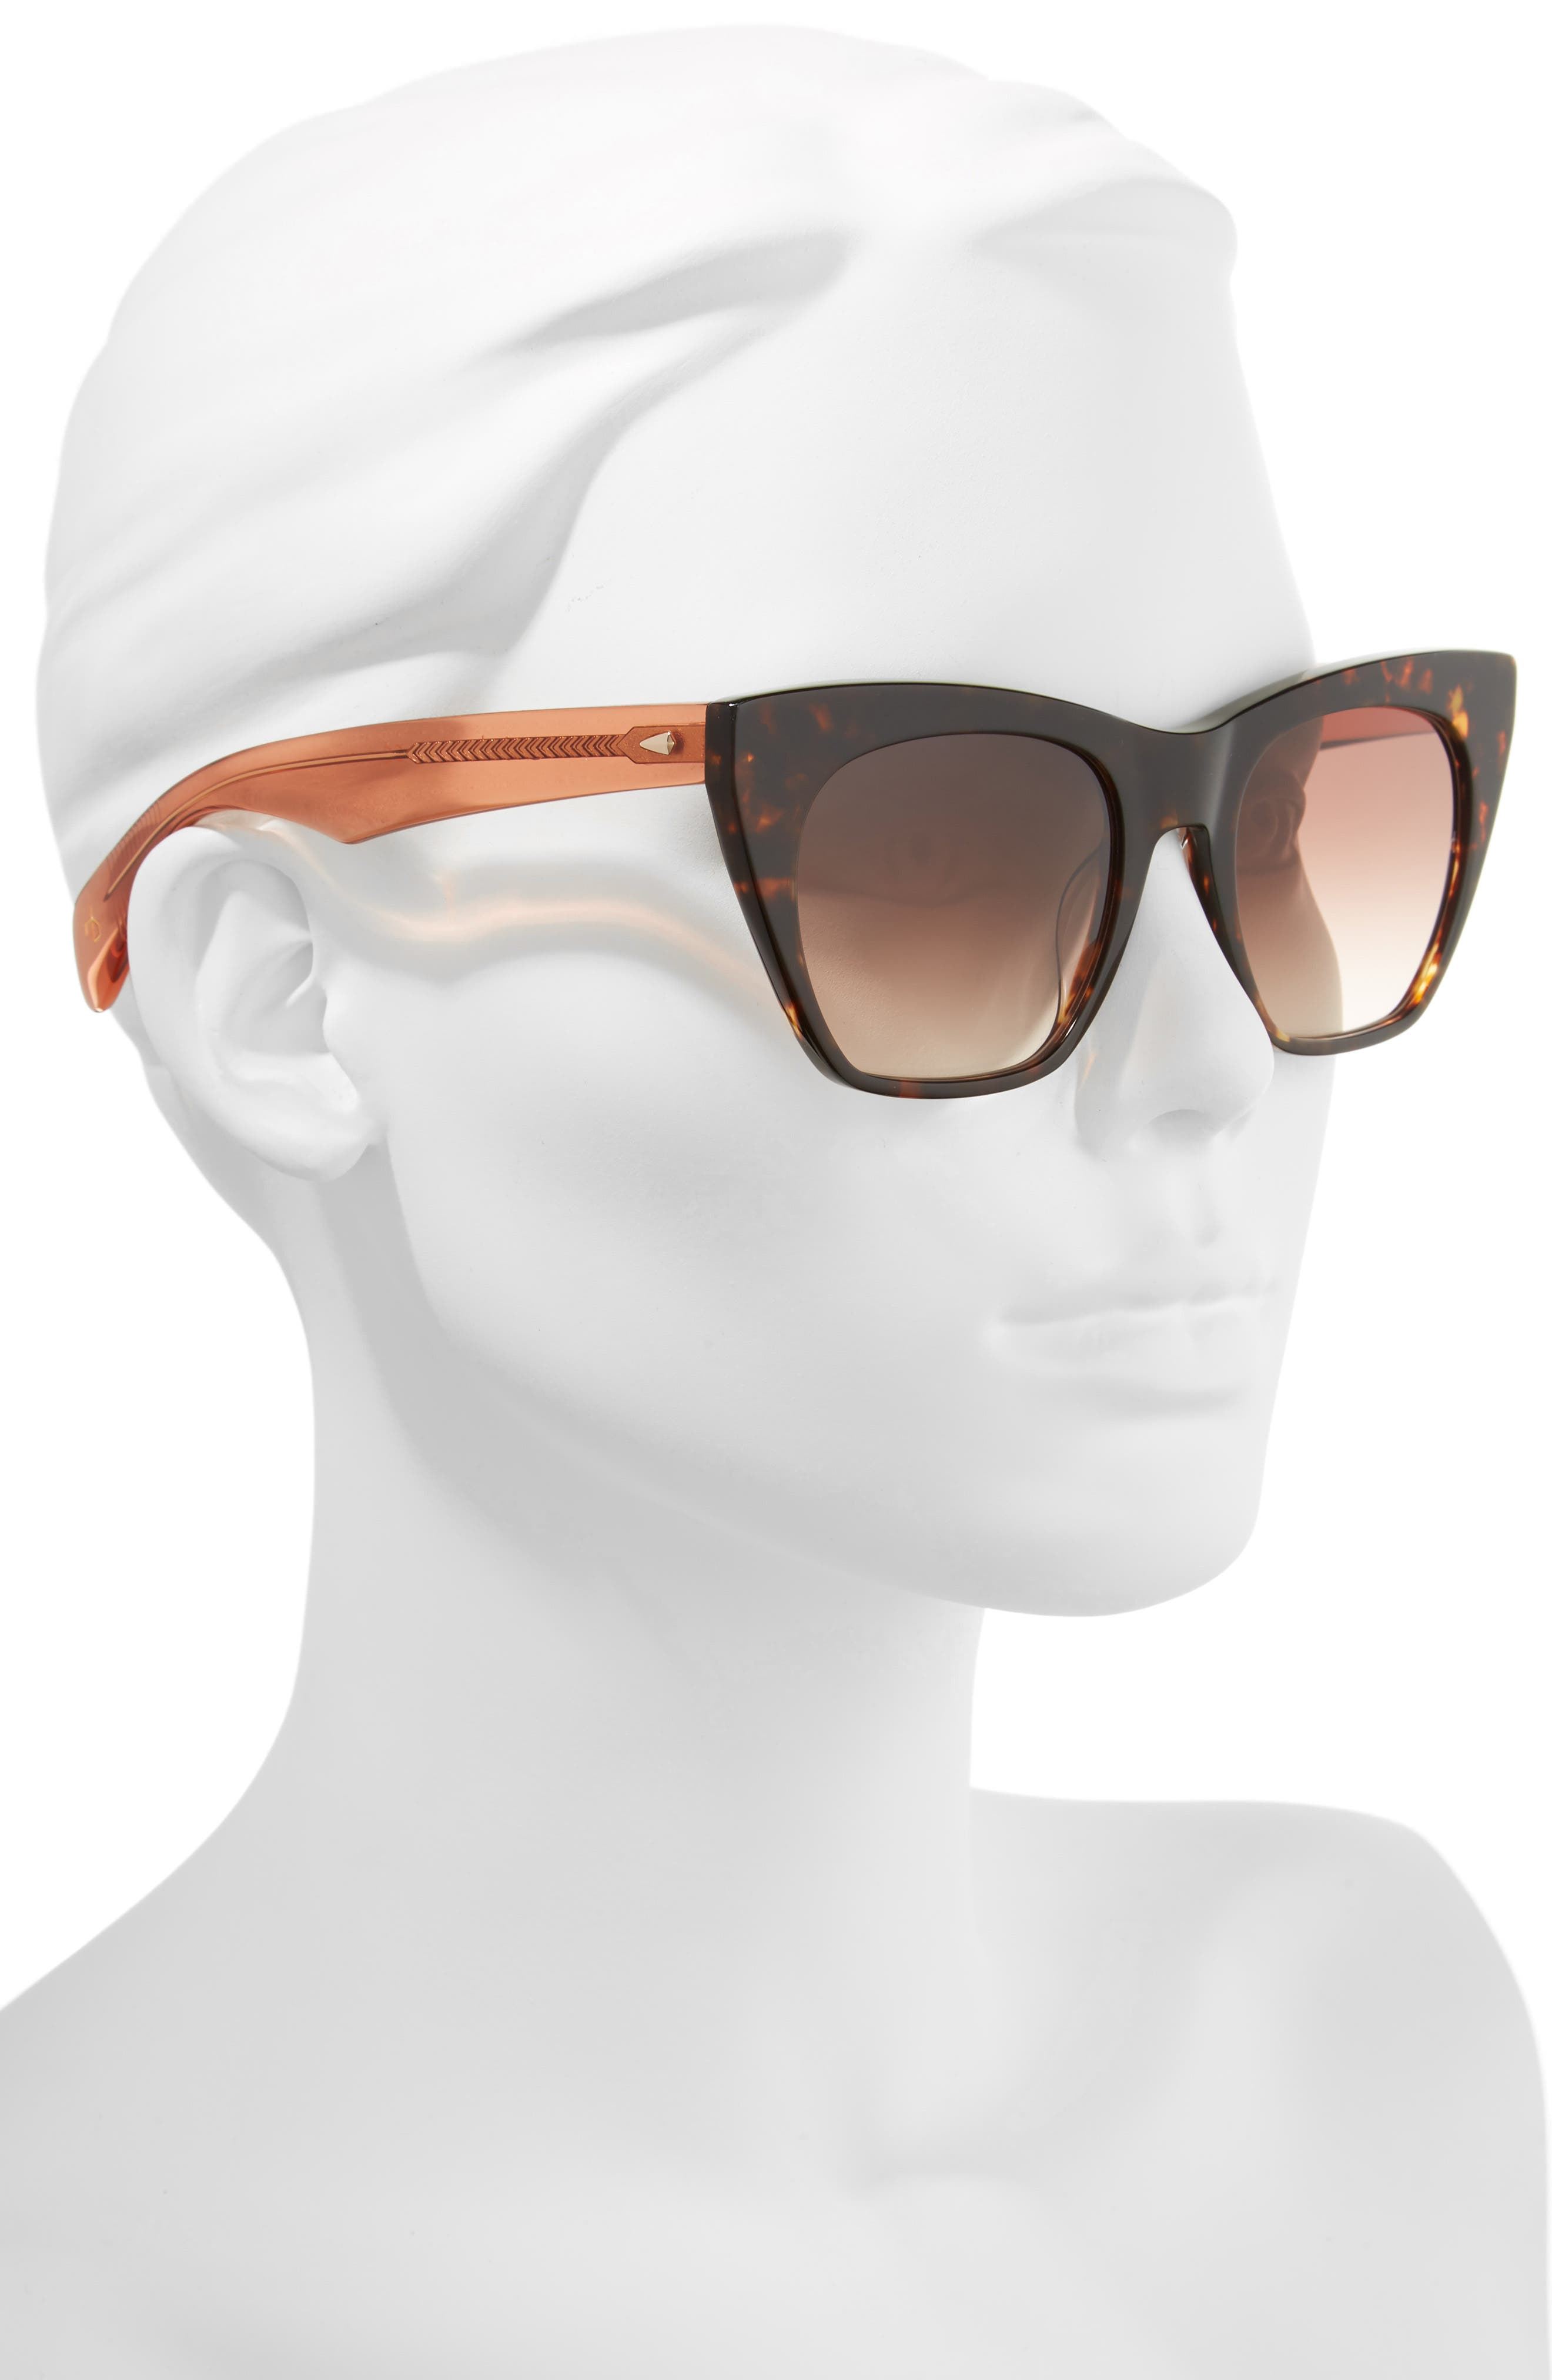 52mm Cat Eye Sunglasses,                             Alternate thumbnail 2, color,                             Havana Orange